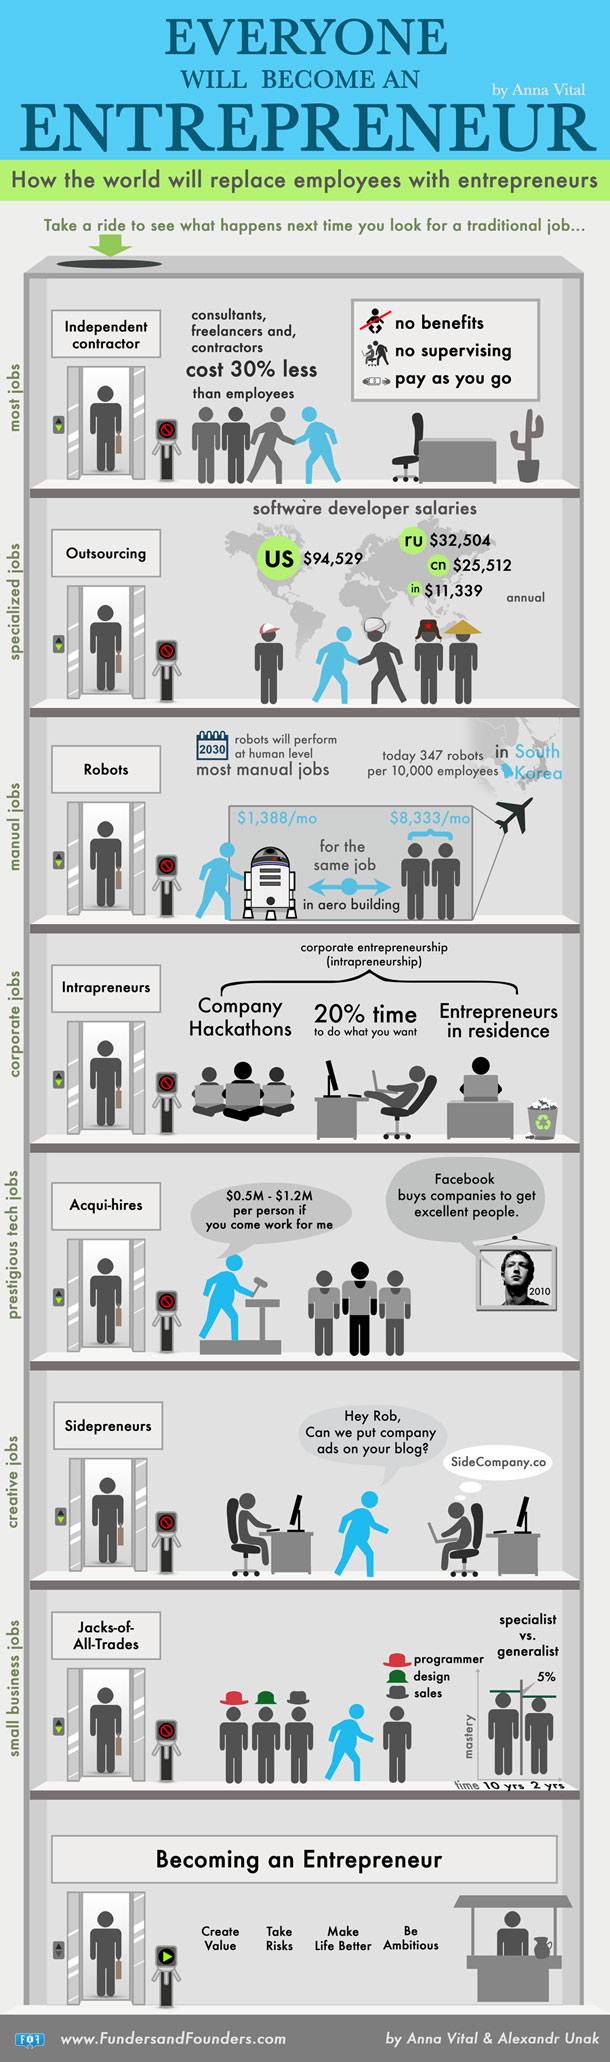 tout-le-monde-va-devenir-entrepreneur-610